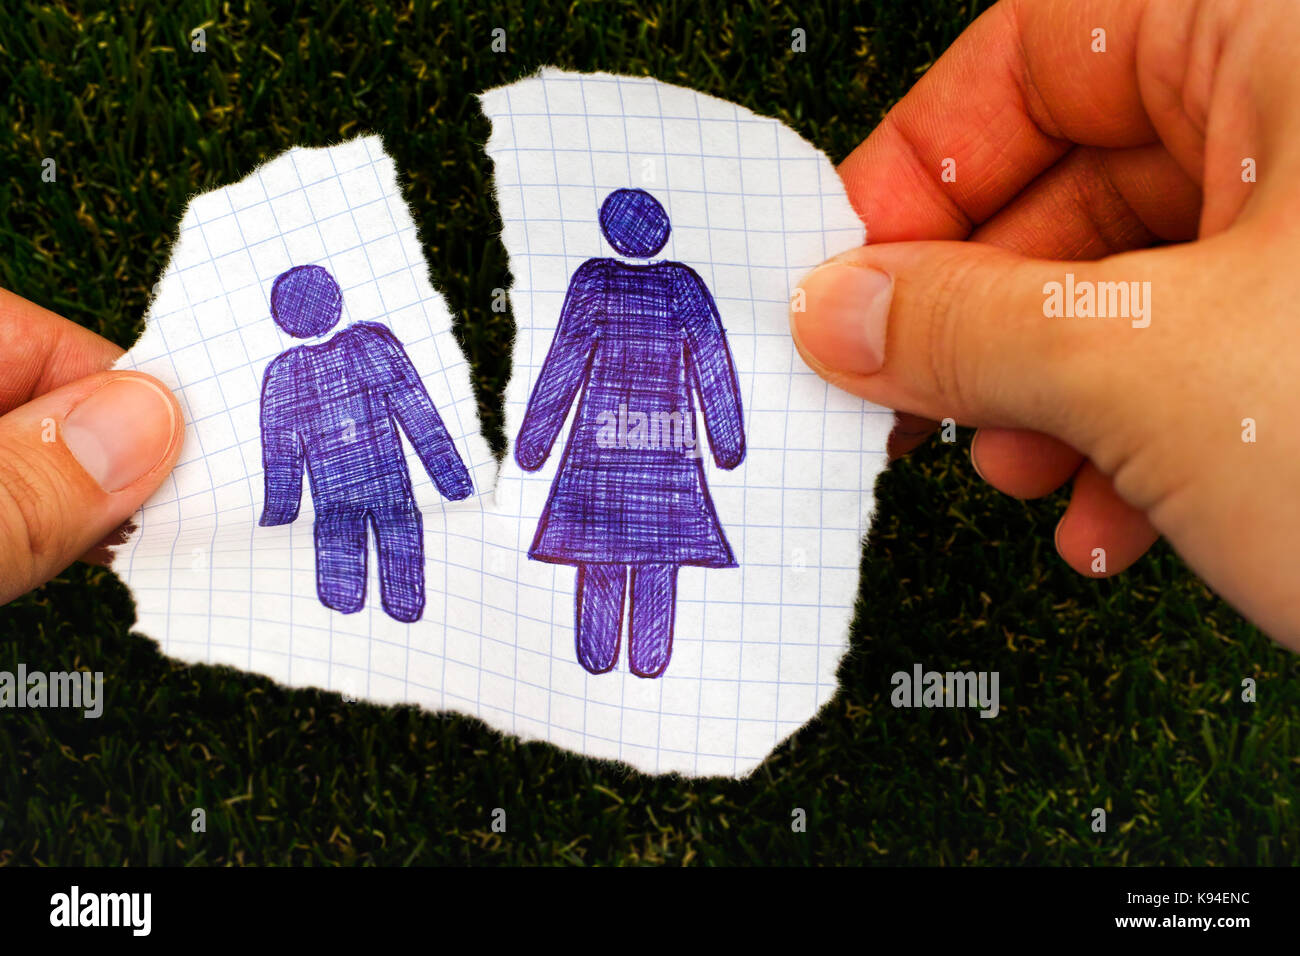 Frau Hände ripping Stück Papier mit Hand gezeichnete Mann und Frau zahlen. Gras Hintergrund. Doodle Stil. Stockbild